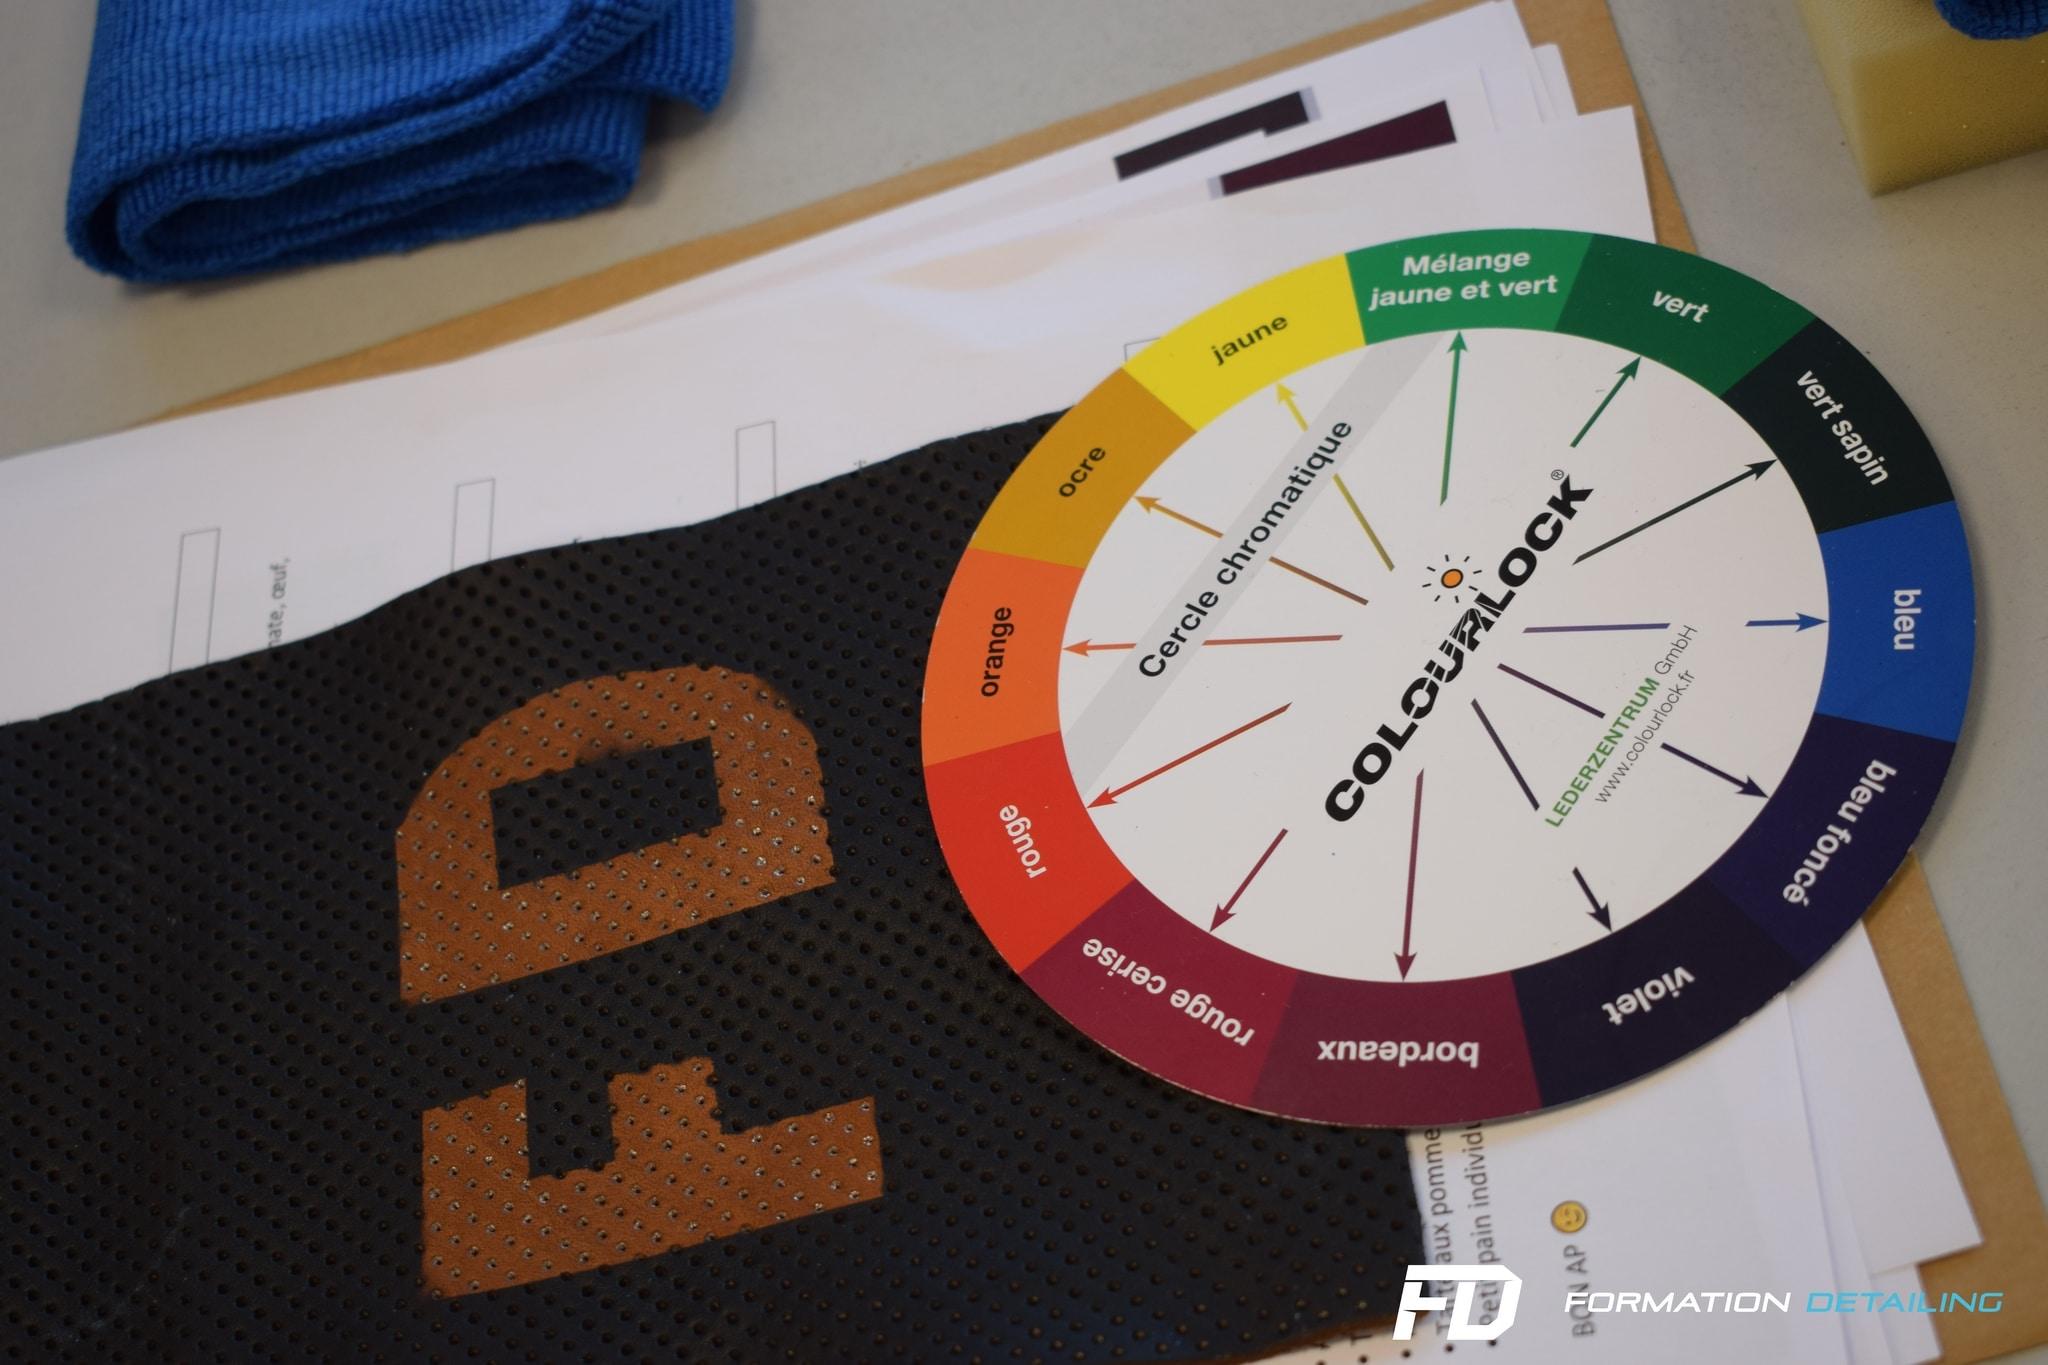 Formation-Detailing-propose-des-formation-cuir-produits-colourlock